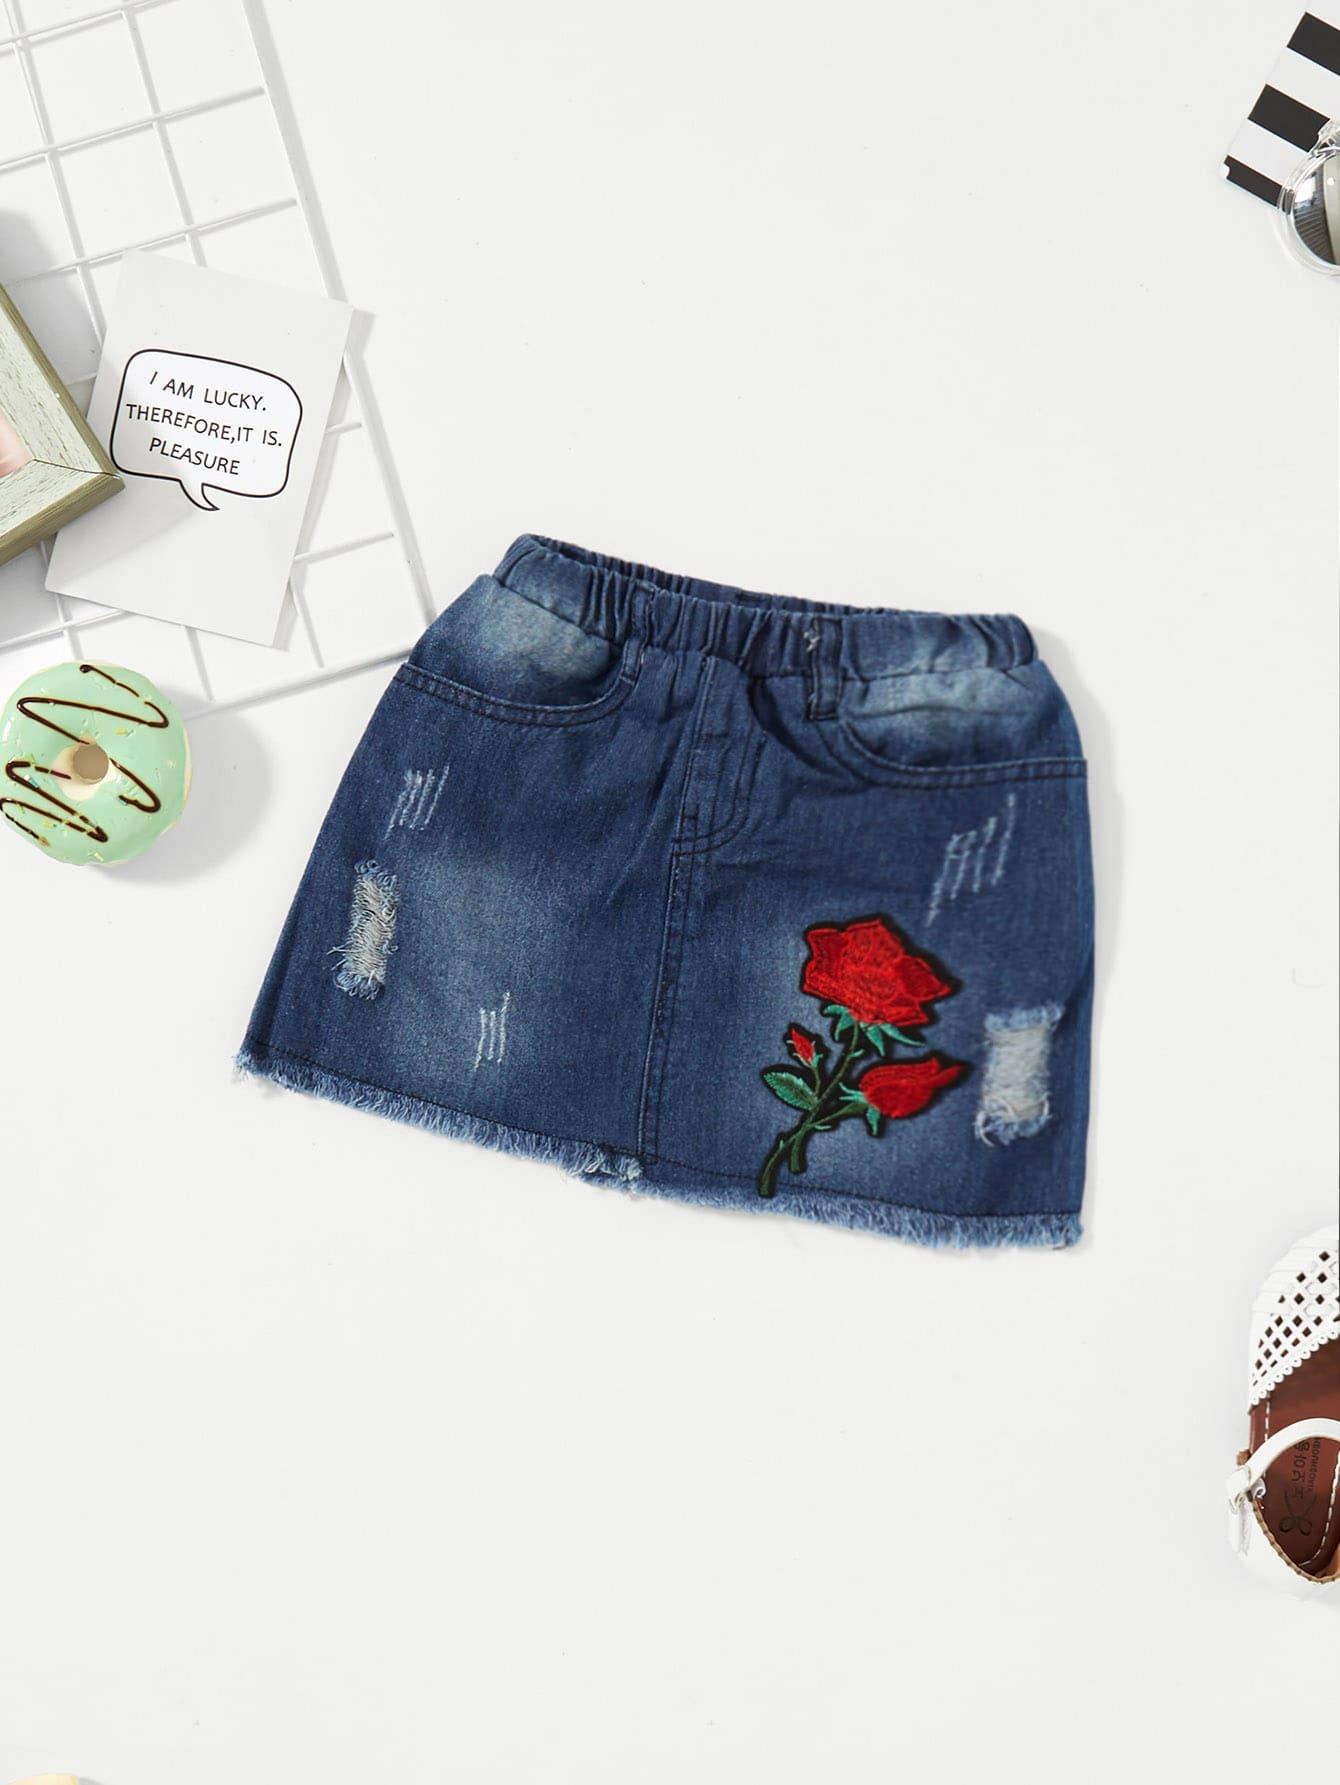 Джинсавая юбка и с рисунком вышитой розы и рольный подол для девочки, null, SheIn  - купить со скидкой